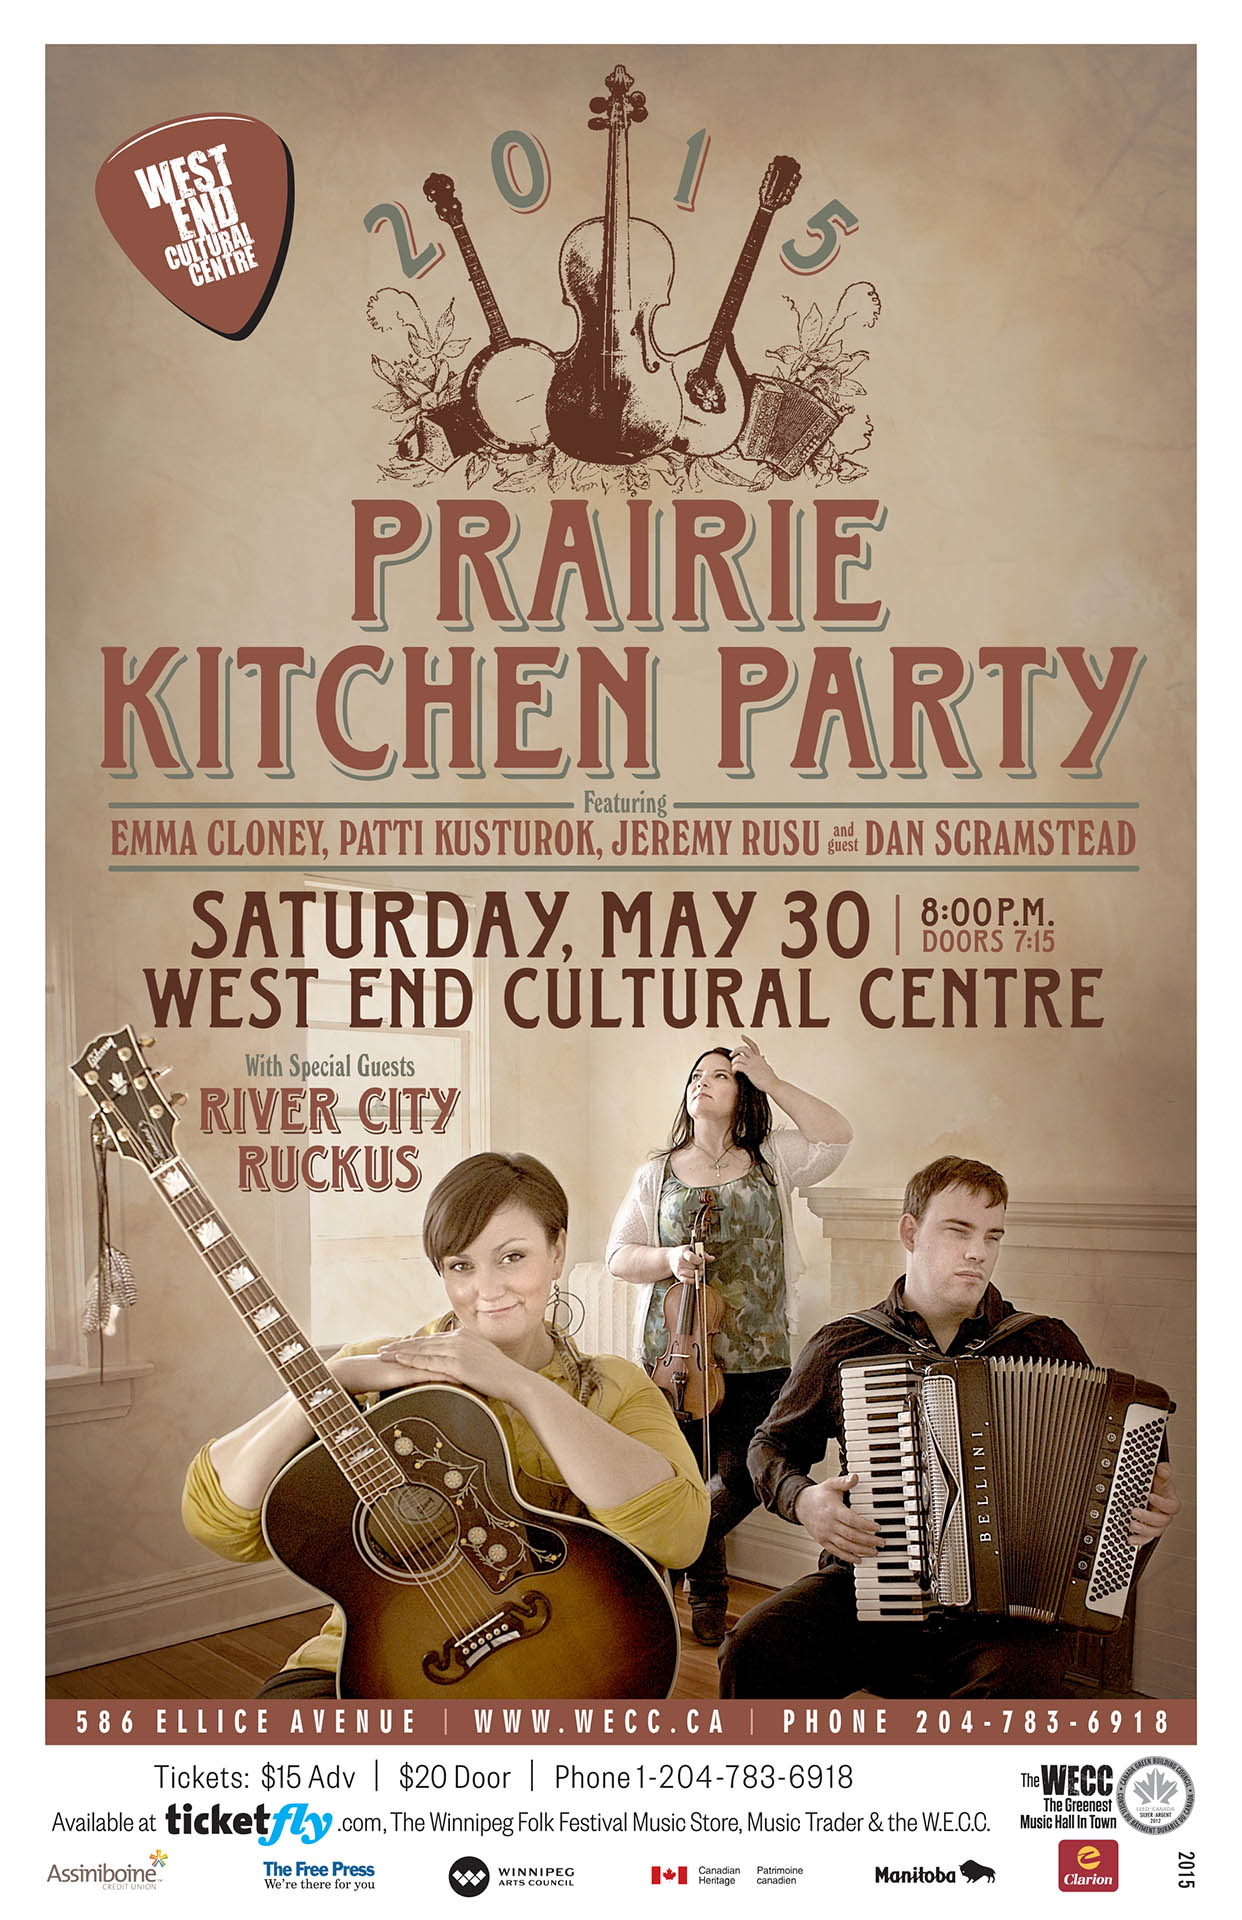 Prairie Kitchen Party - 2015